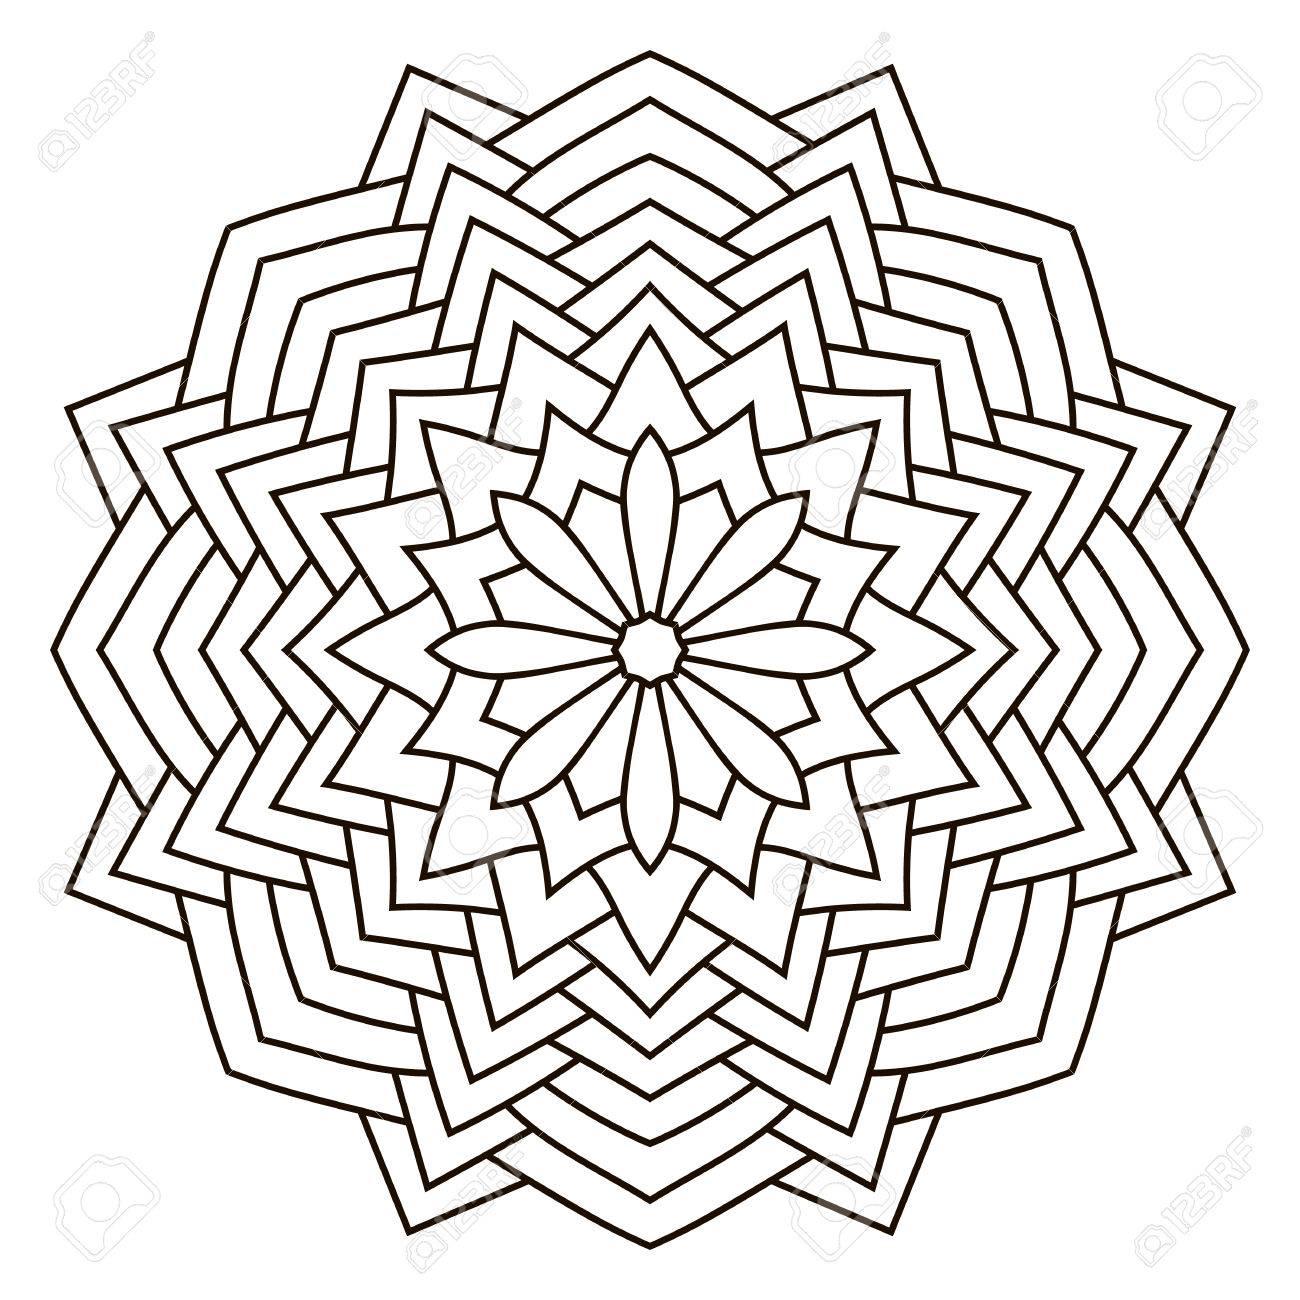 Coloriage Mandala Rond.Mandala Contour Rond Pour Livre De Coloriage Elements Decoratifs